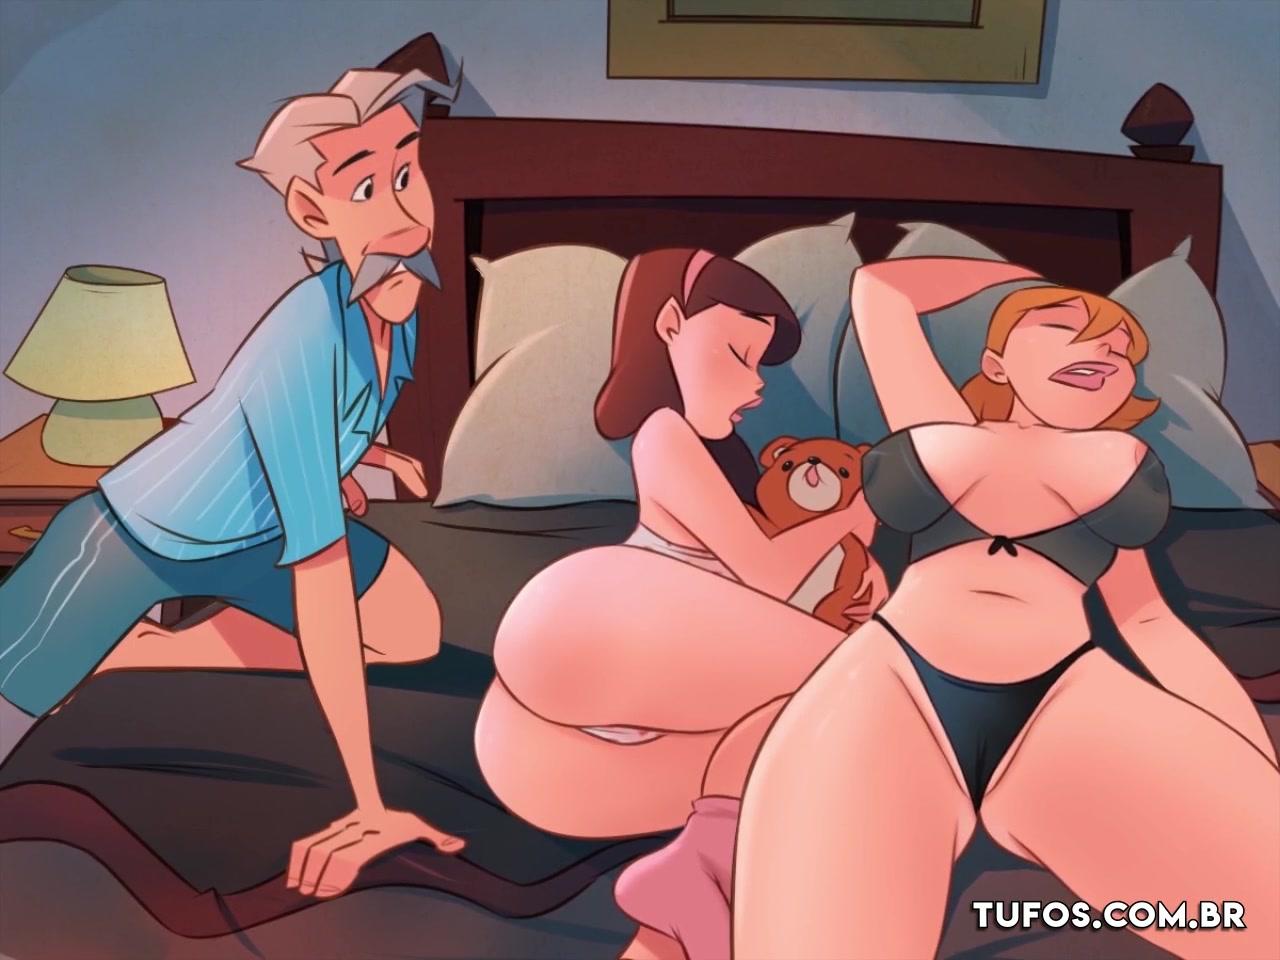 os sacanas filminho dormindo com papai e mamae gratis